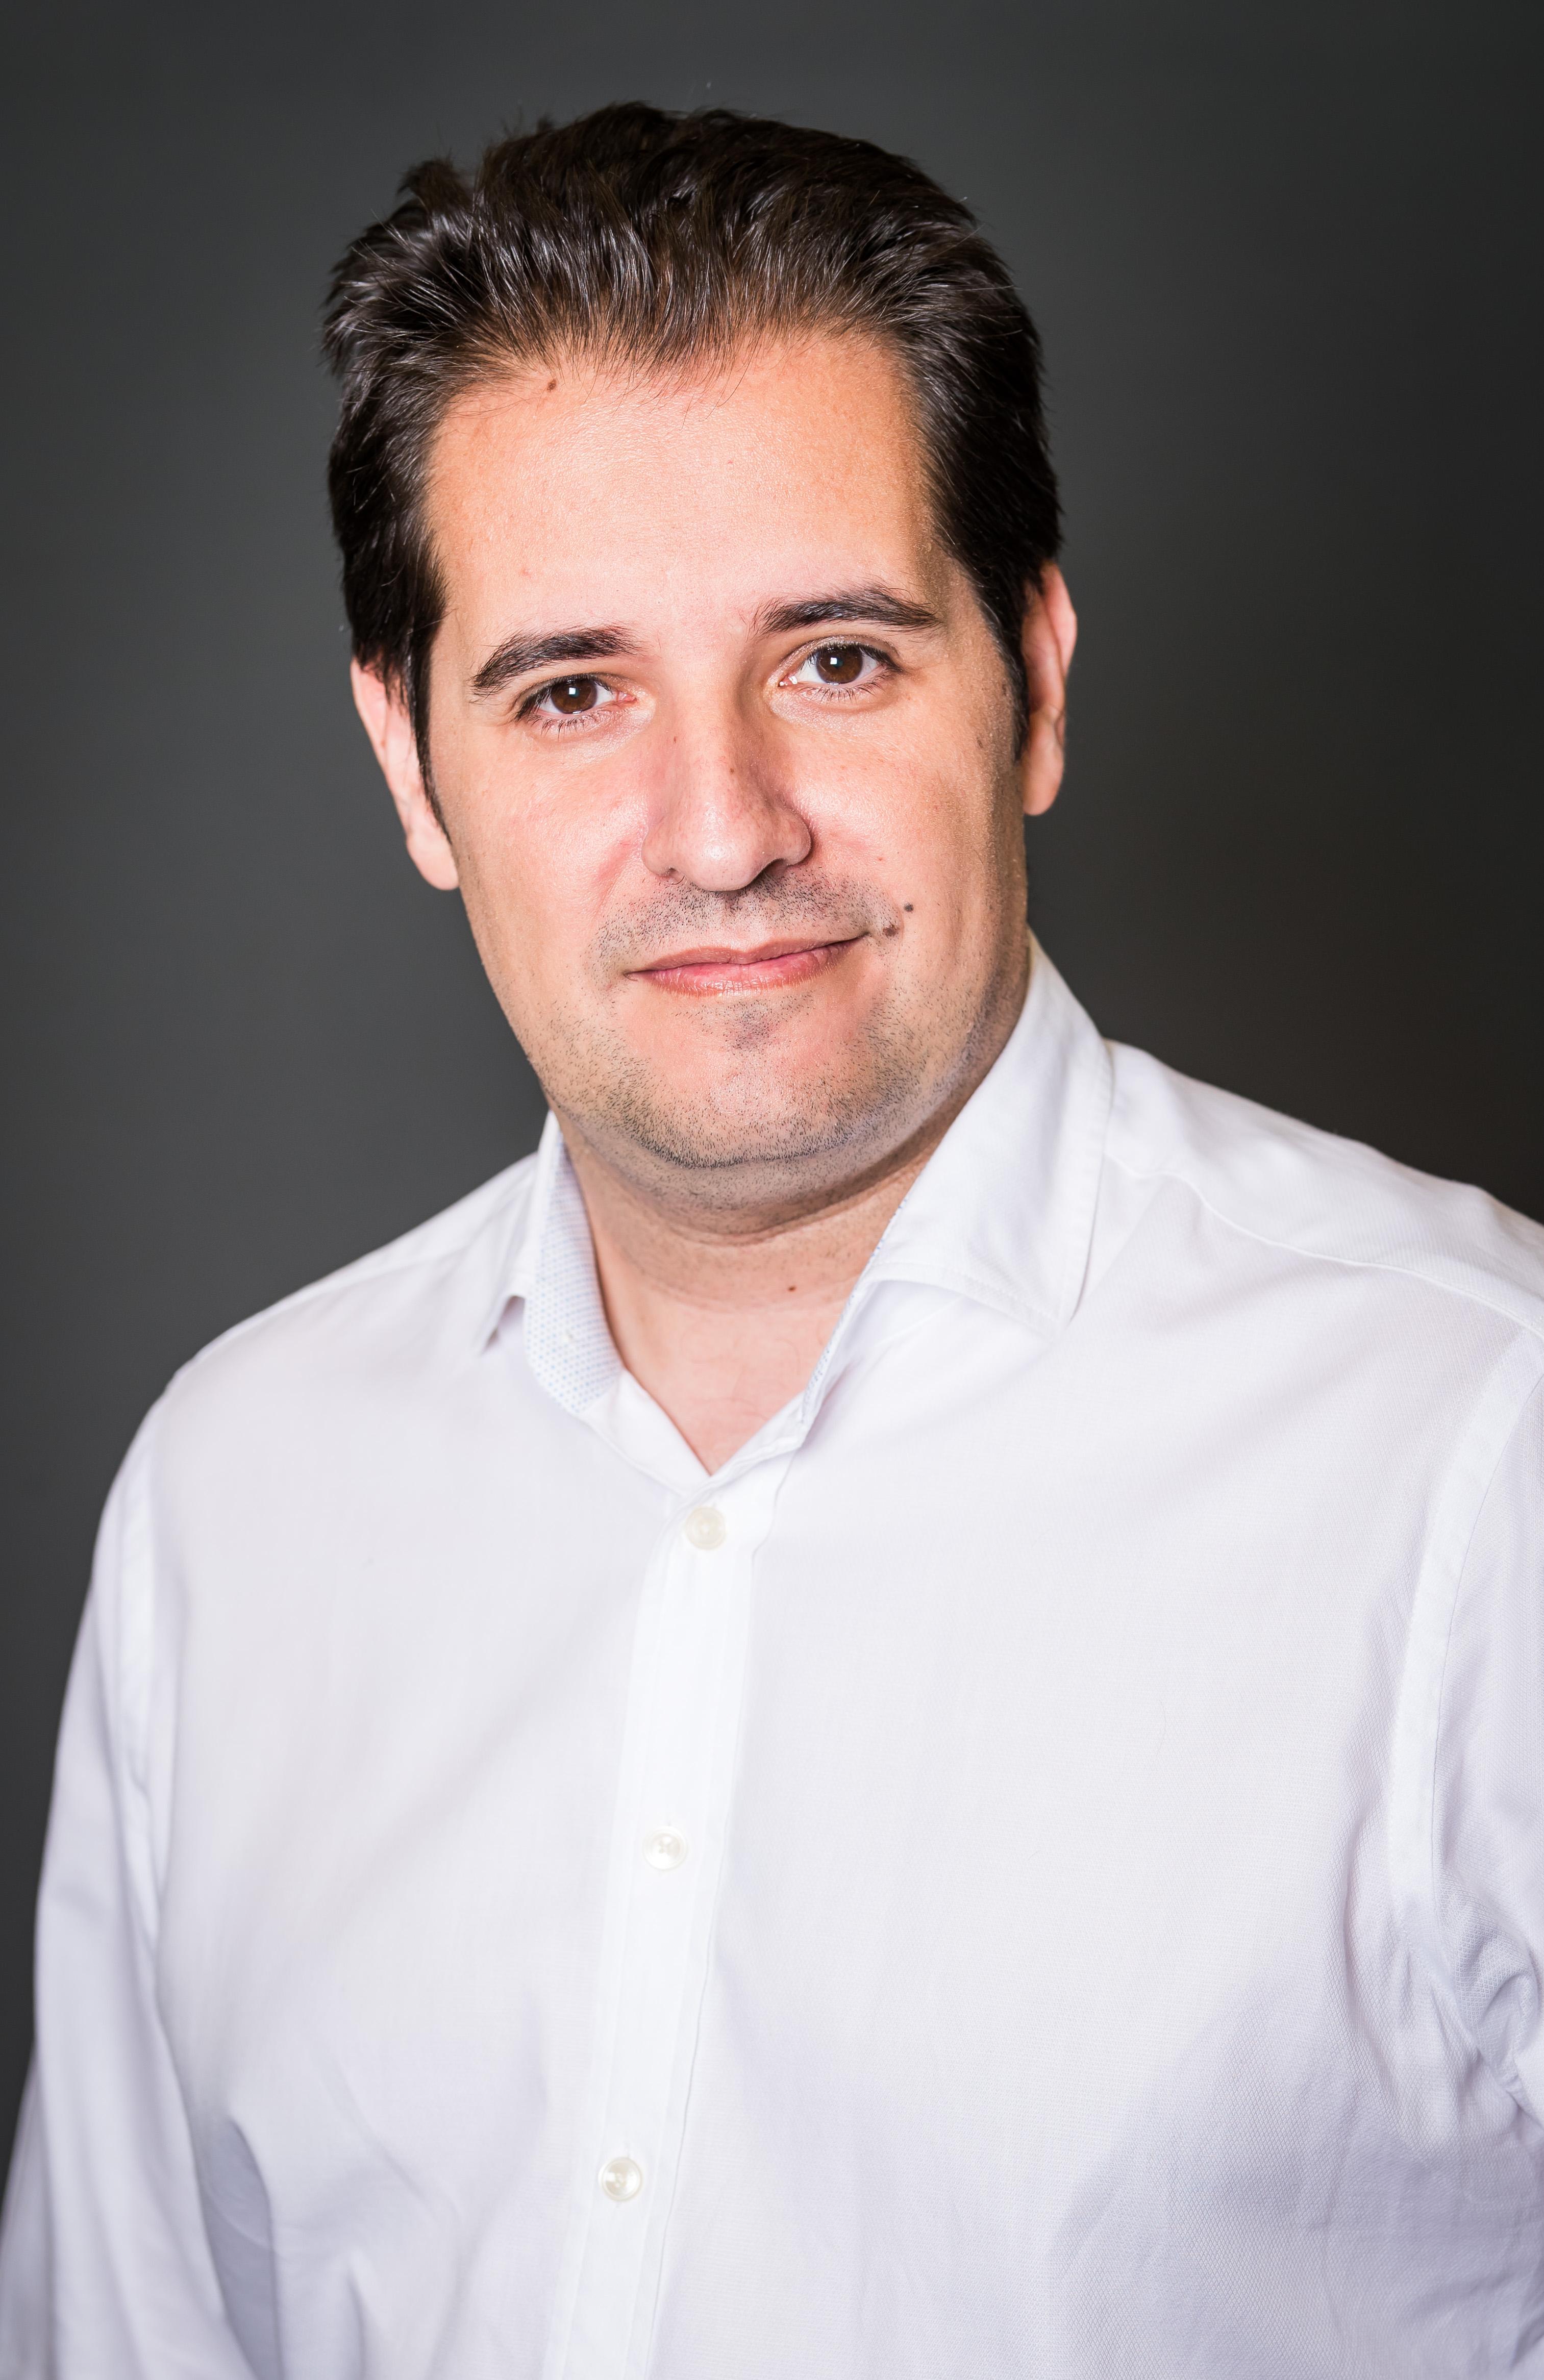 Rubén Merino, Director Open Business de Bankia.